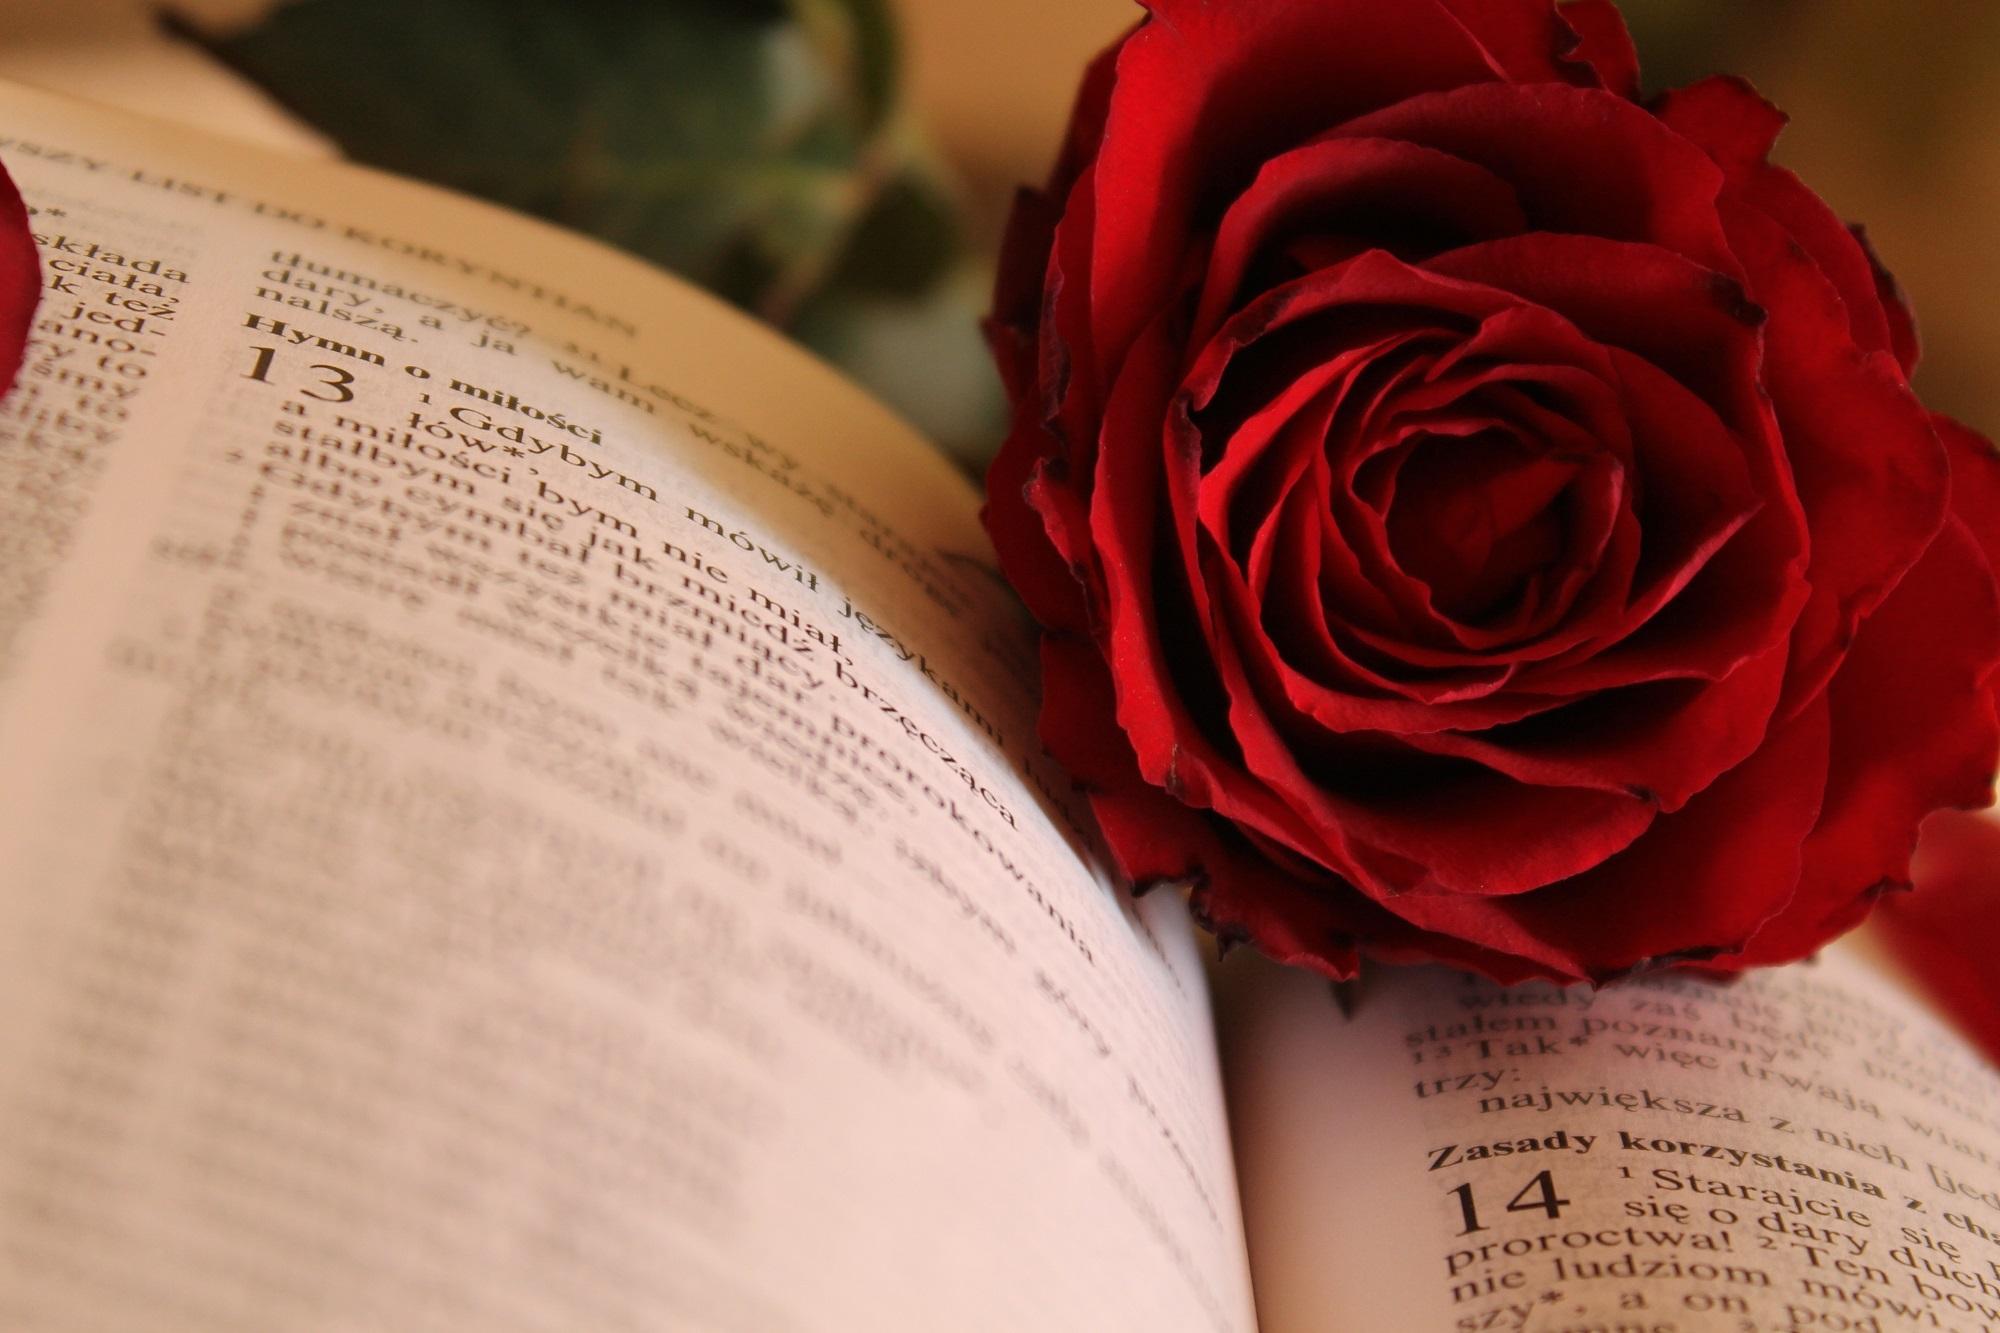 Poesie d'amore per conquistare, le più audaci e belle